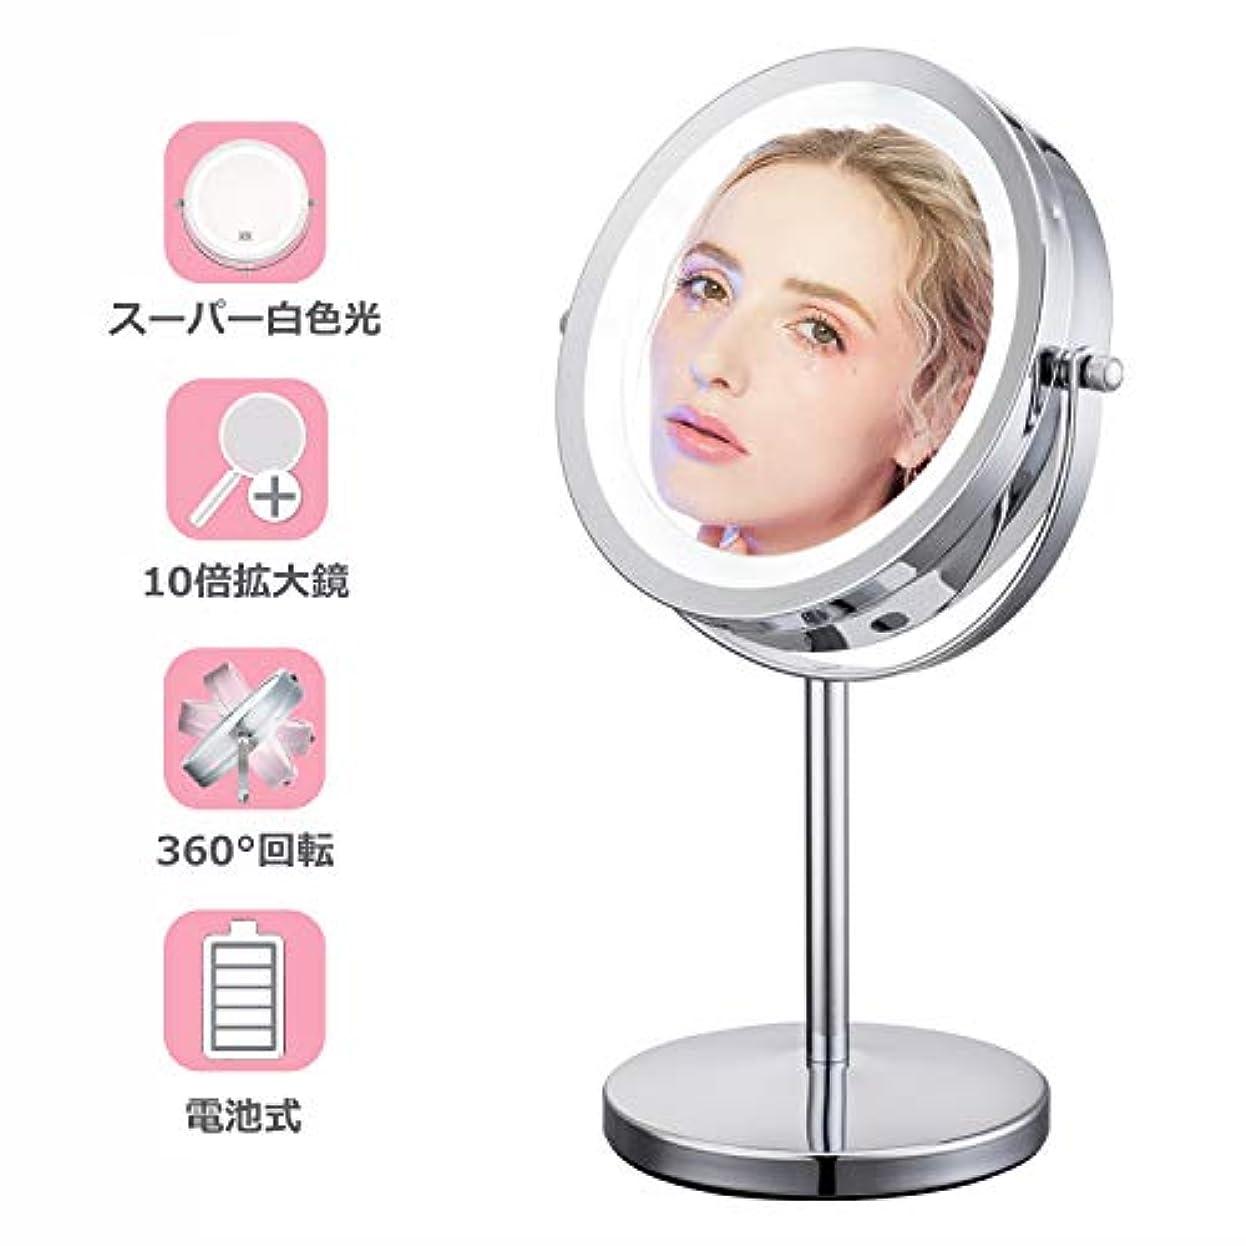 情報ましい数字10倍拡大鏡 LEDライト付き 真実の両面鏡 360度回転 卓上鏡 スタンドミラー メイク 化粧道具 【Jeking】